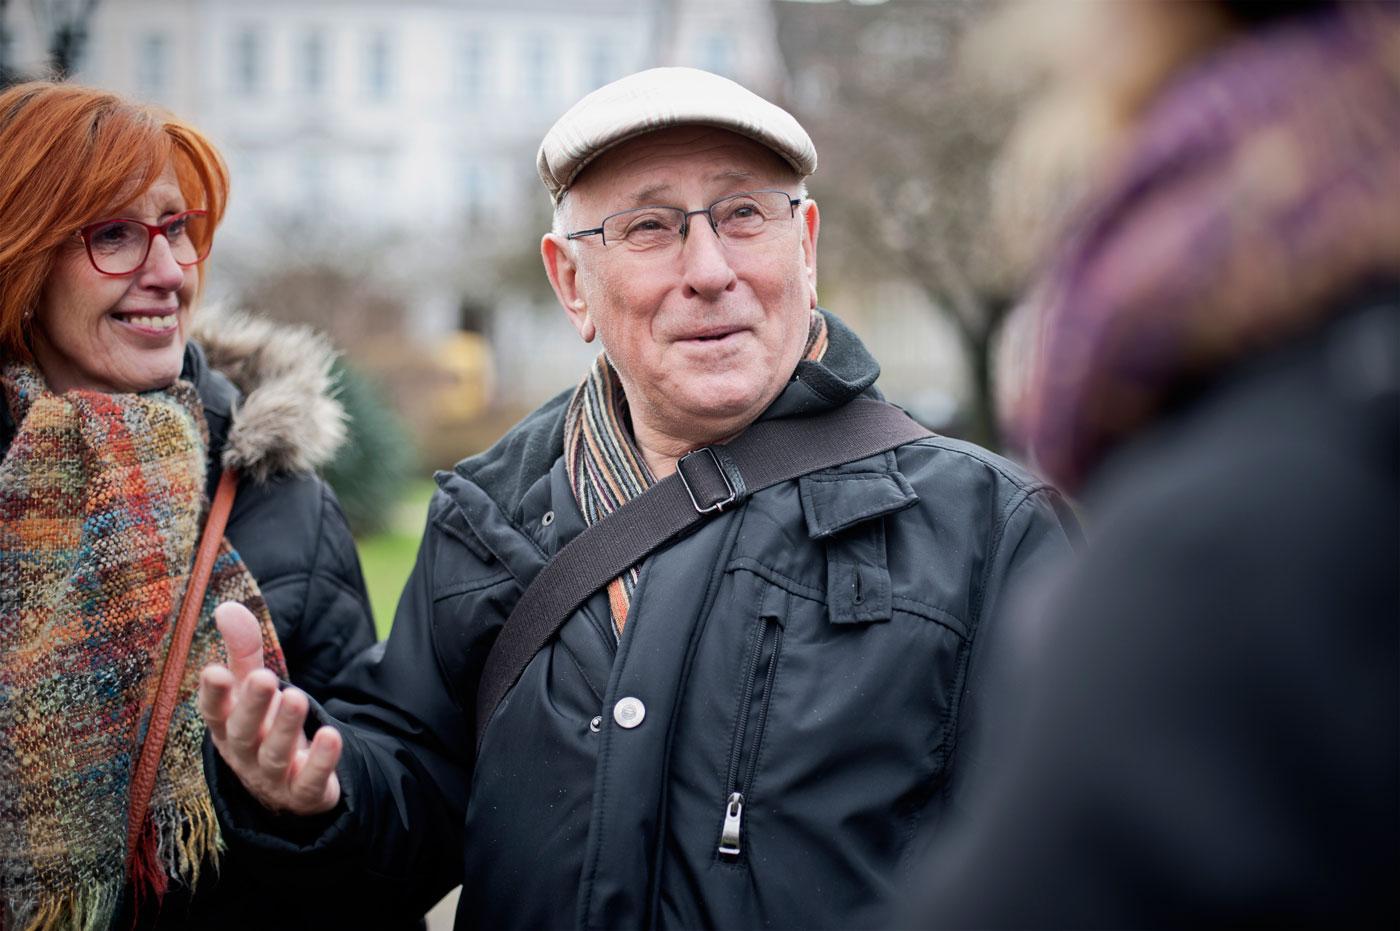 Stadtgespräch mit Herz und Verstand - Krefelder Stadtführer verraten ihre Lieblingsorte